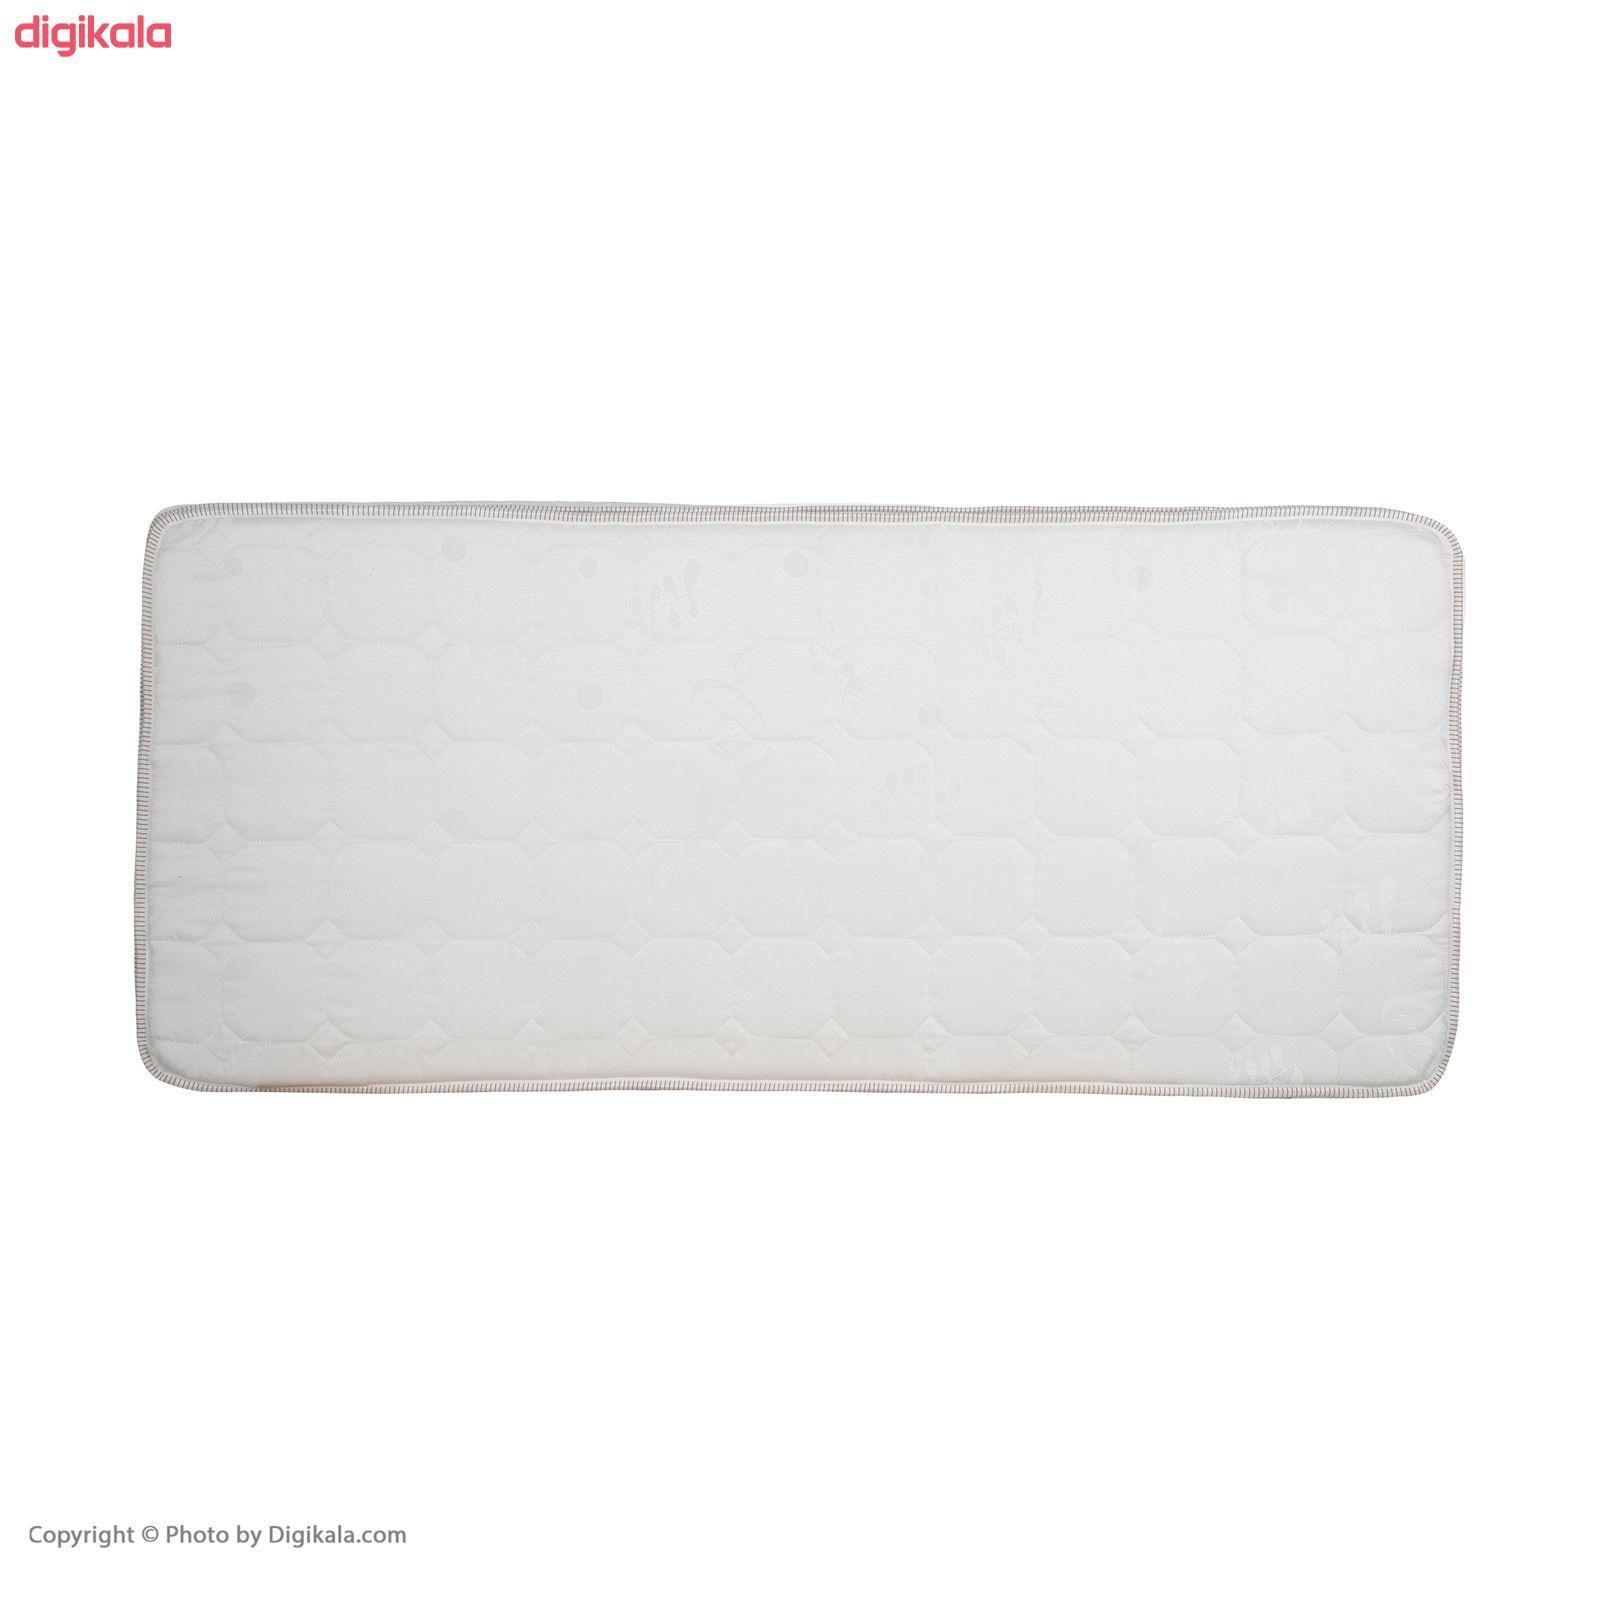 تخت خواب یک نفره مدل DMB124 سایز 200 × 90 سانتی متر main 1 11